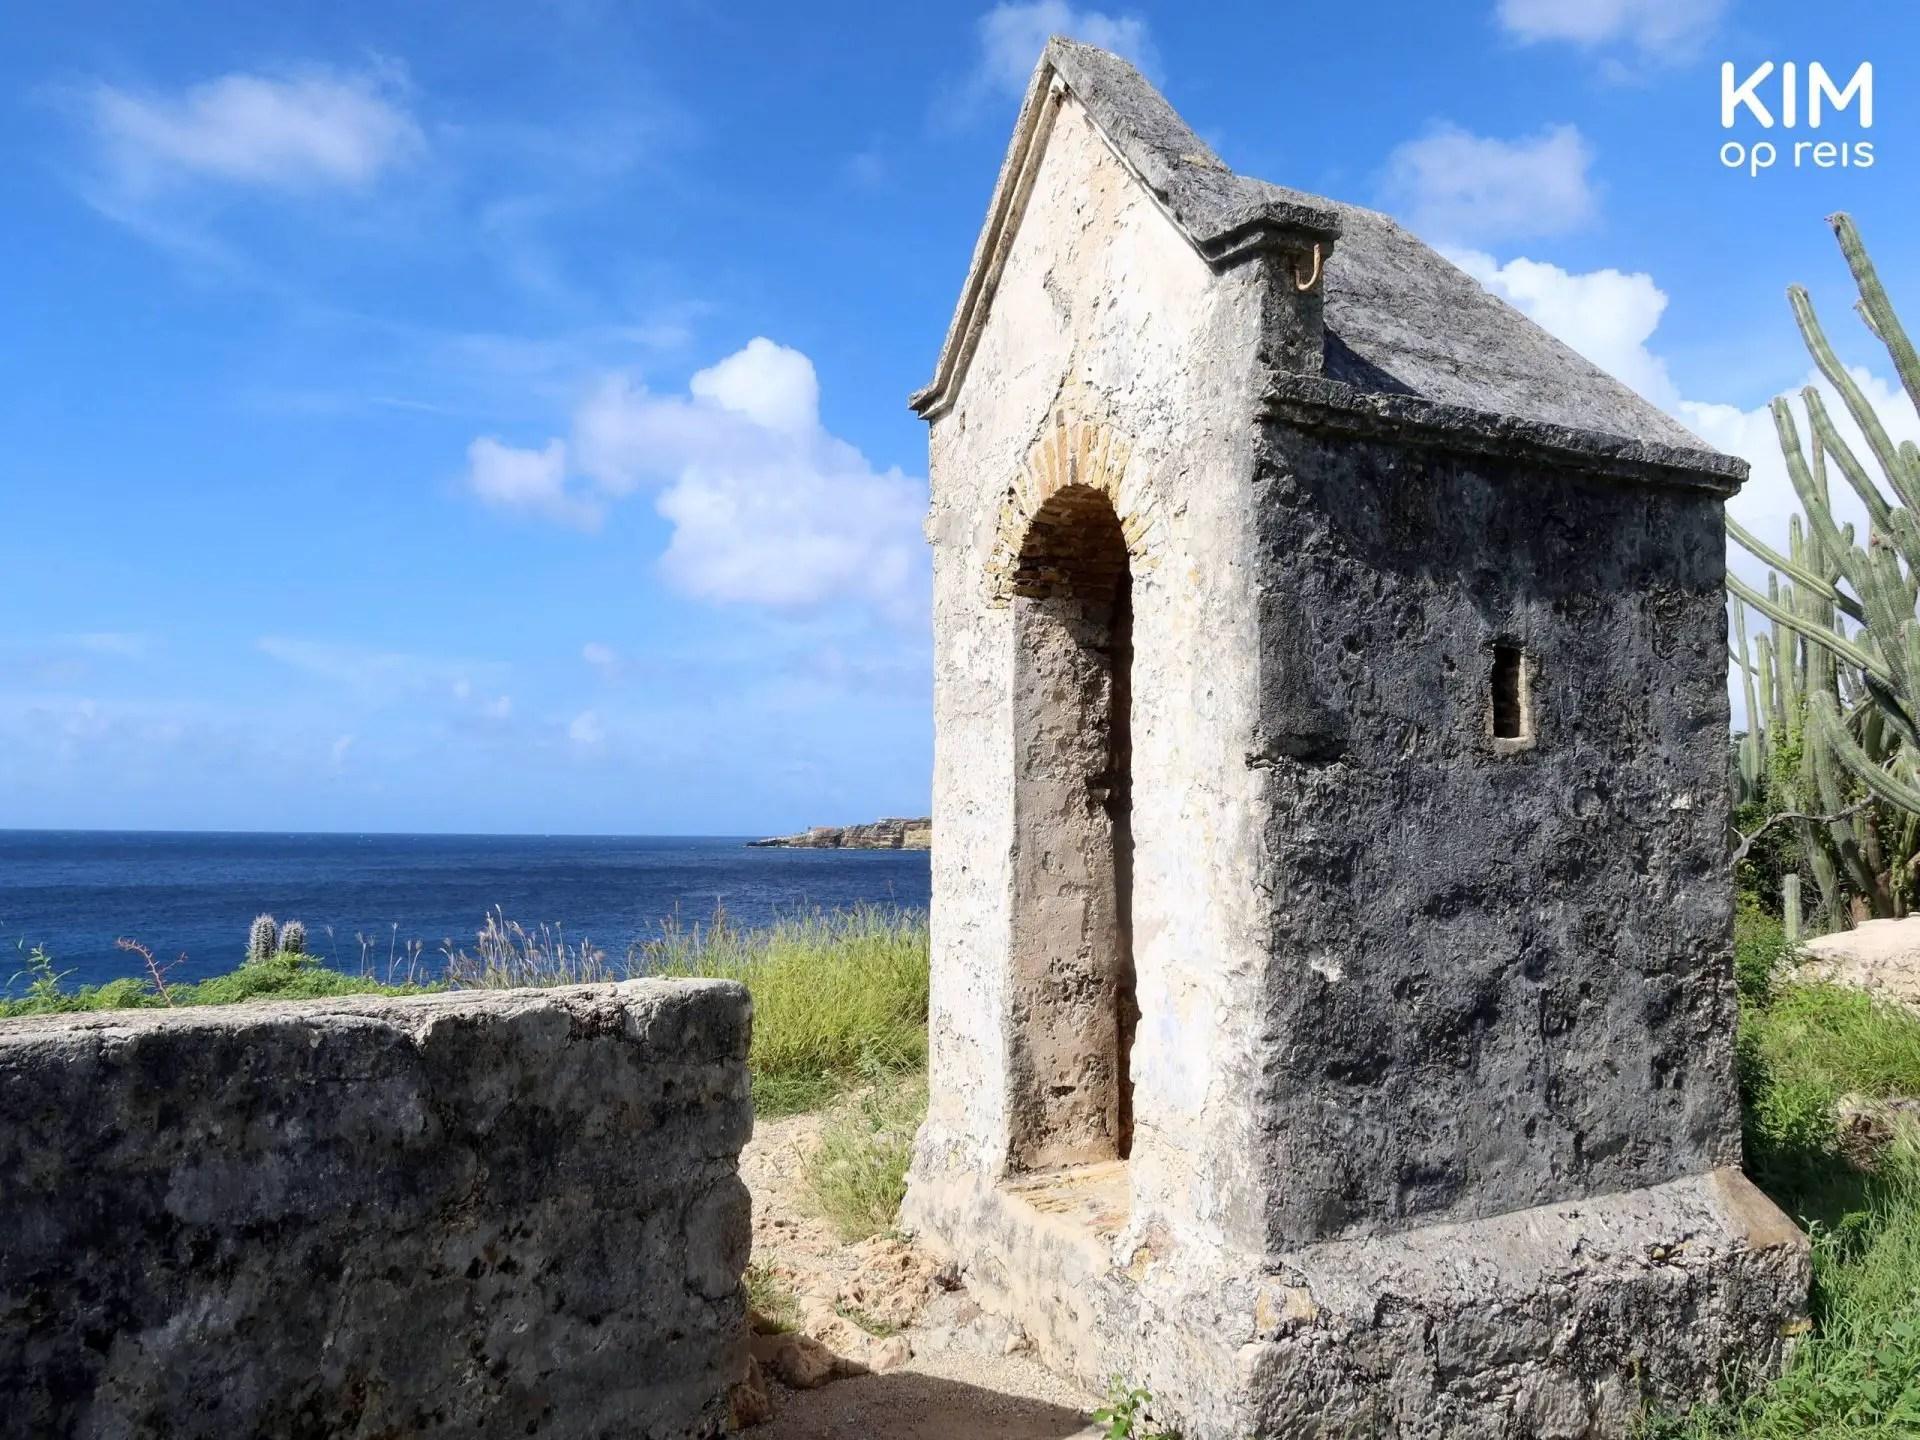 Fort Beekenburg kapelletje: klein kapelletje op het terrein van het fort